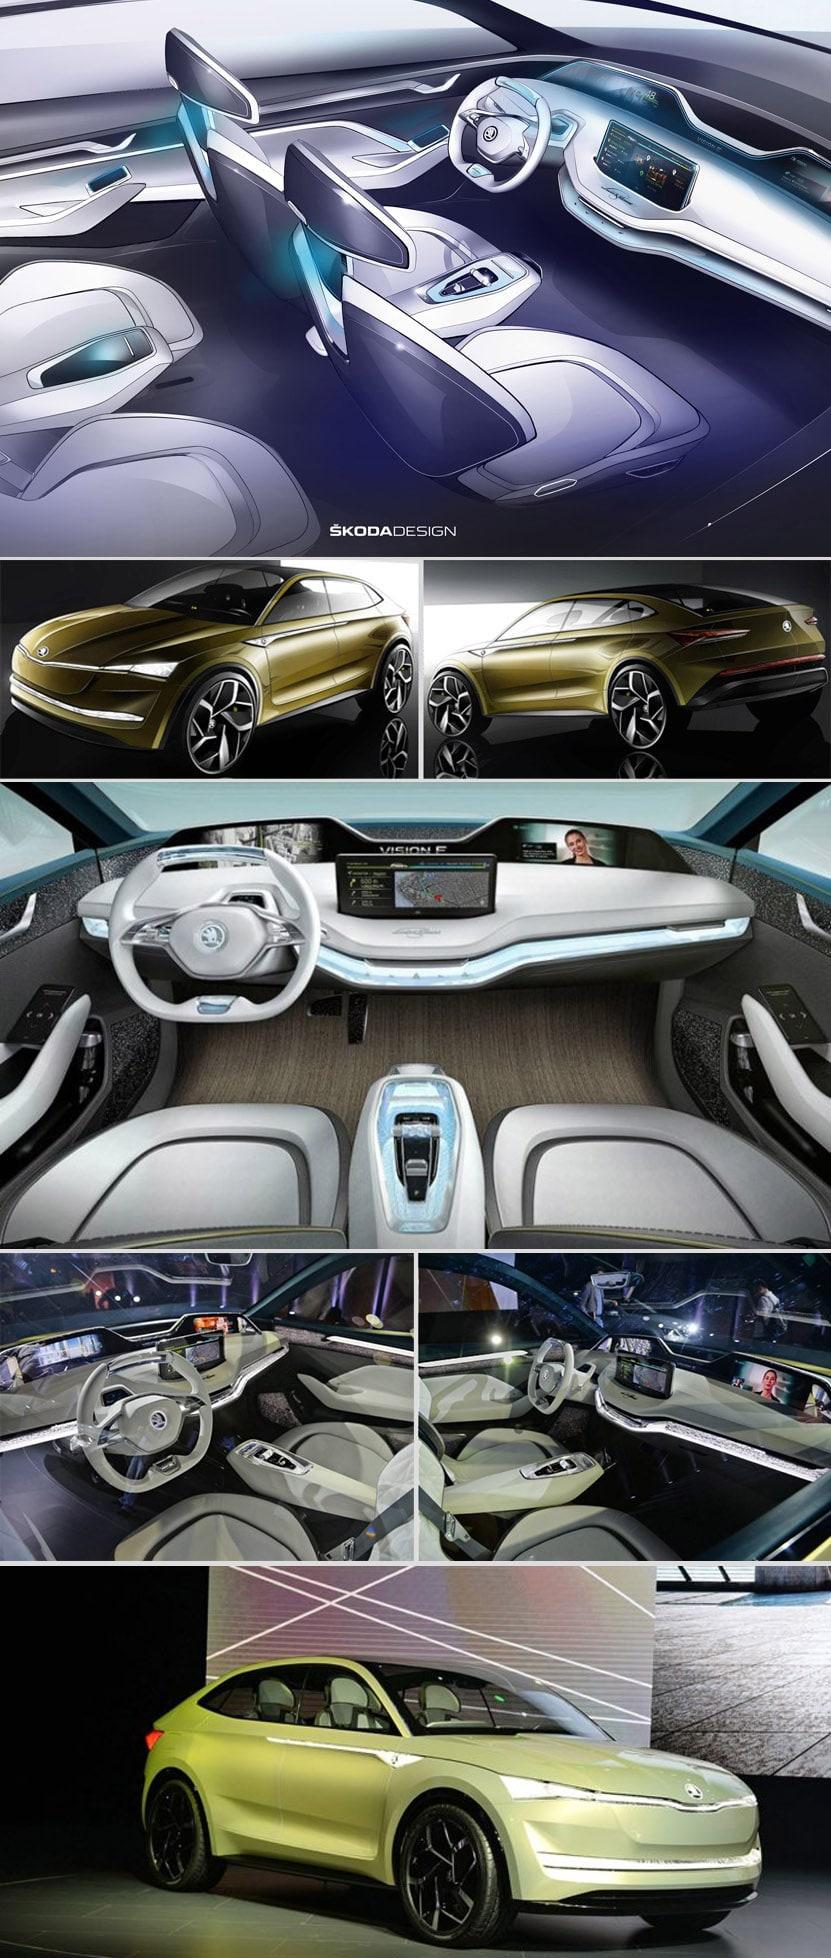 Електромобил Skoda Vision E - кола на бъдещето II